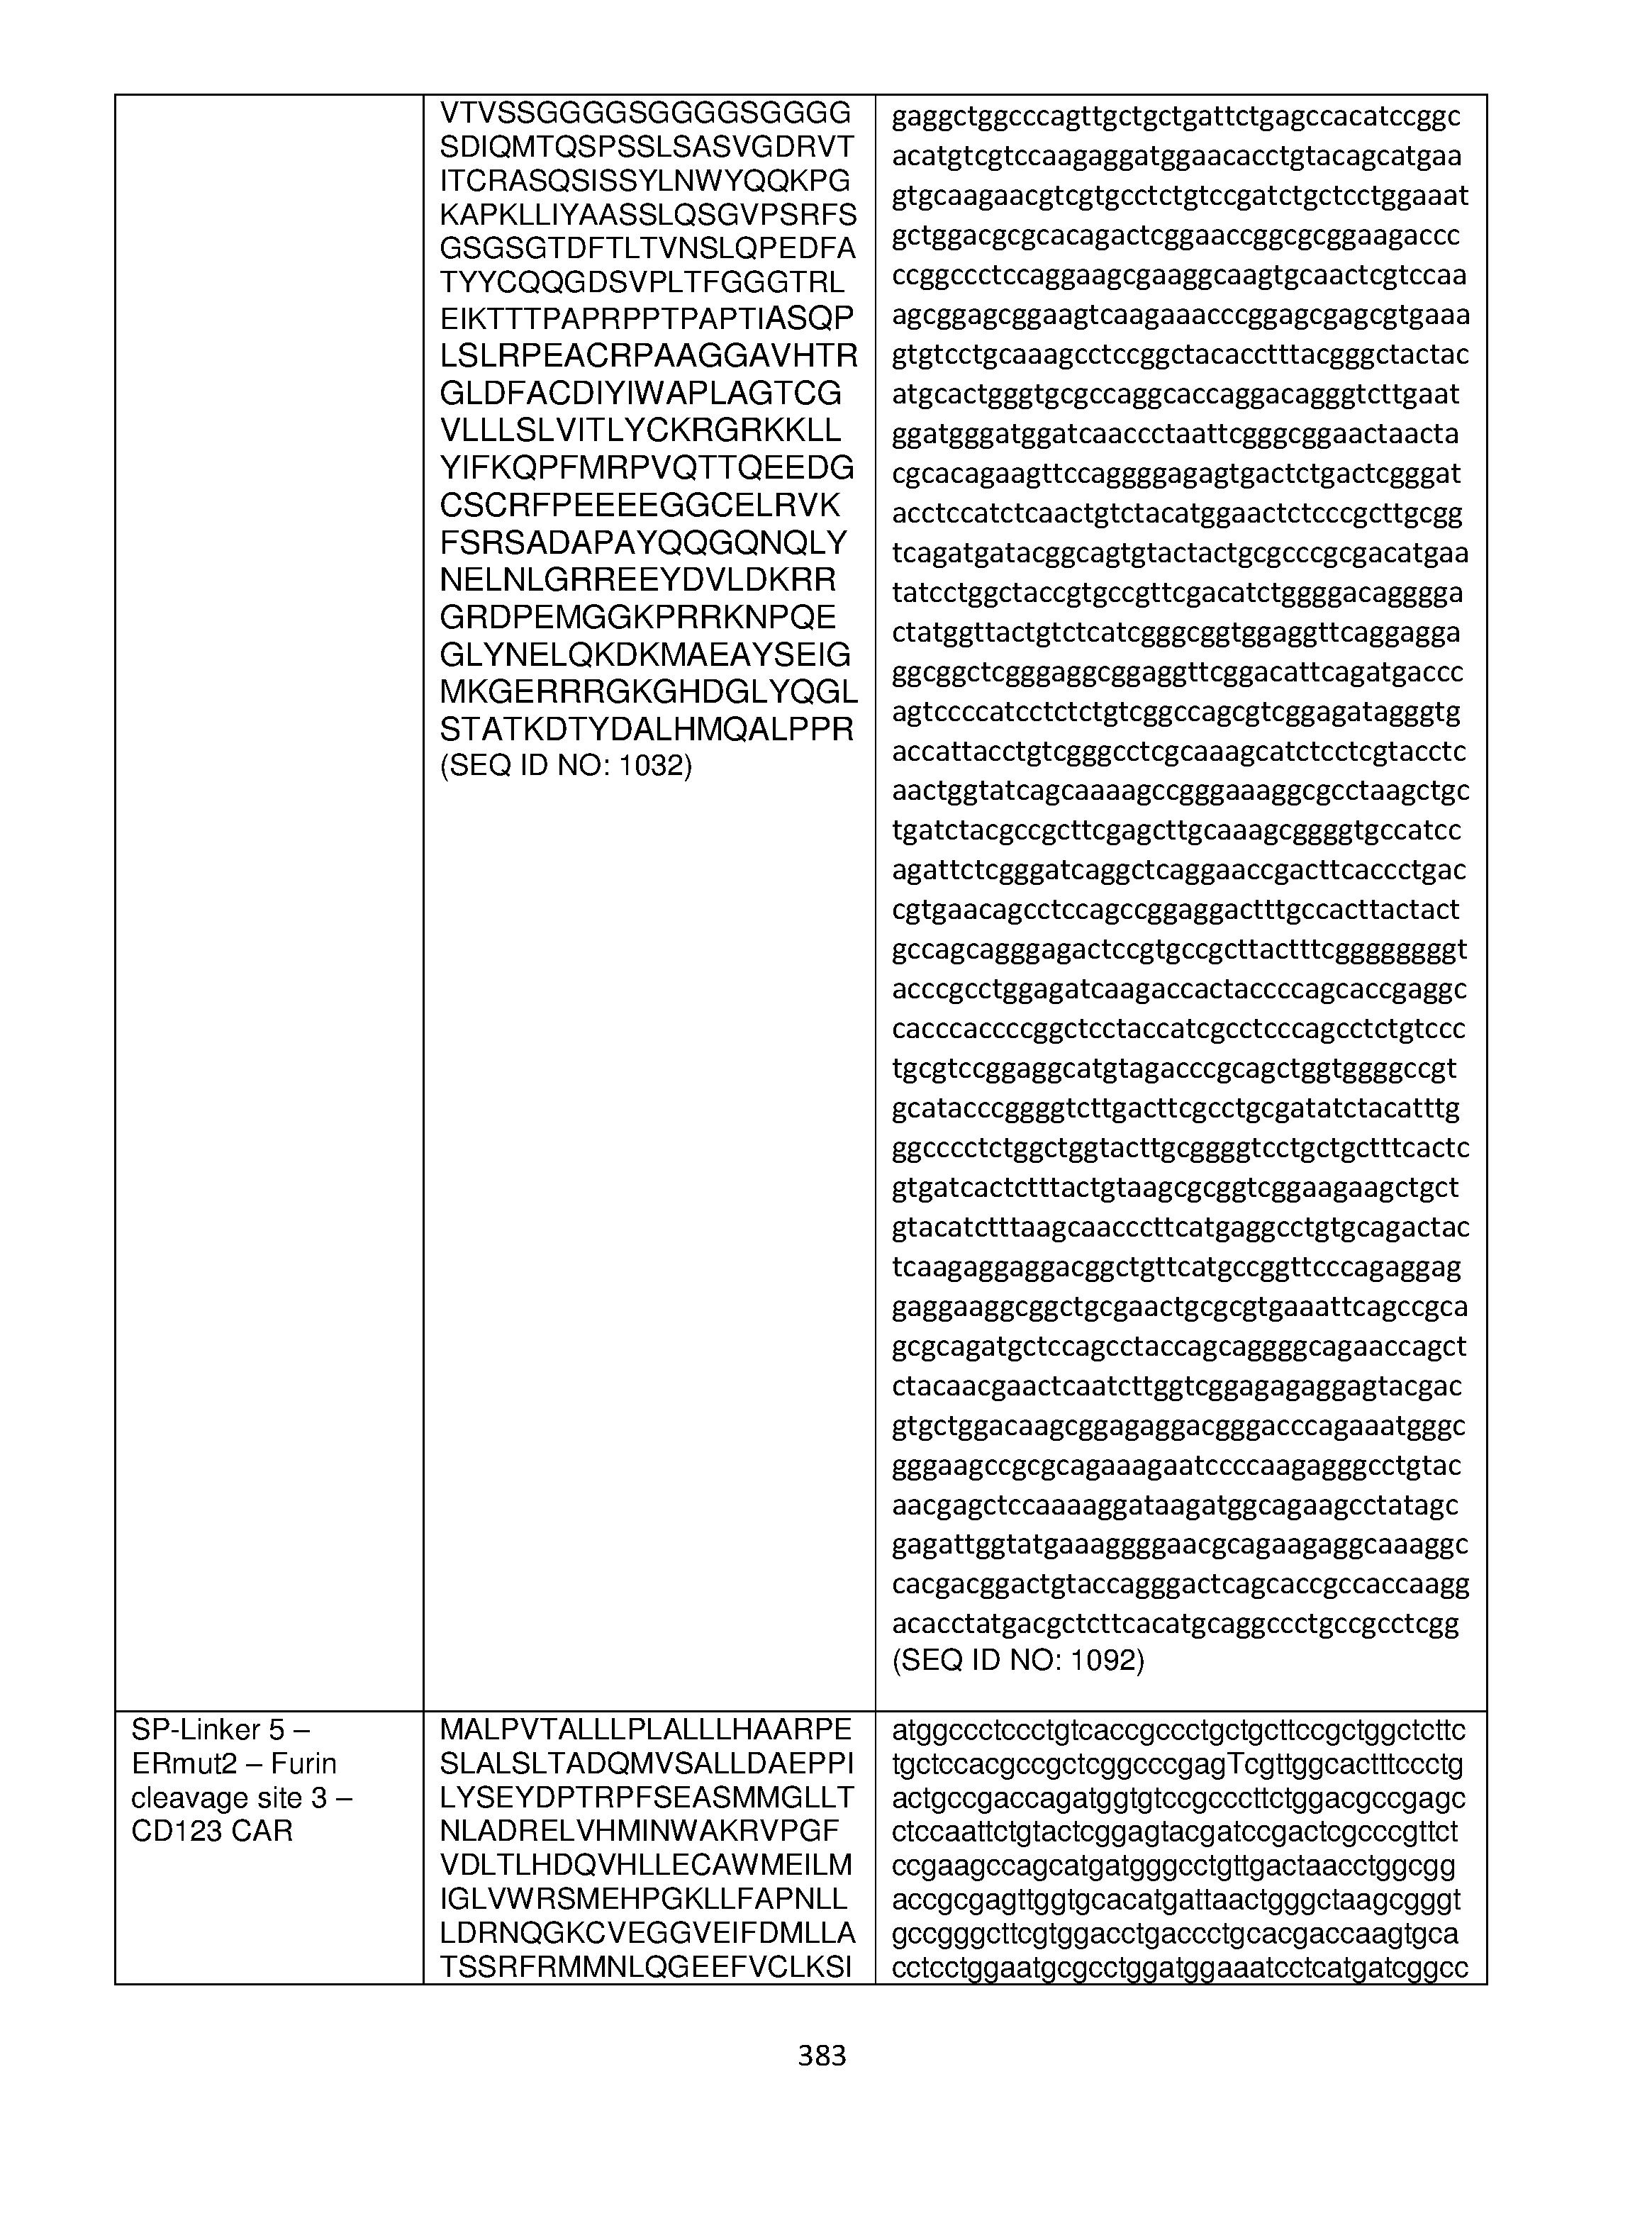 Figure imgf000384_0001